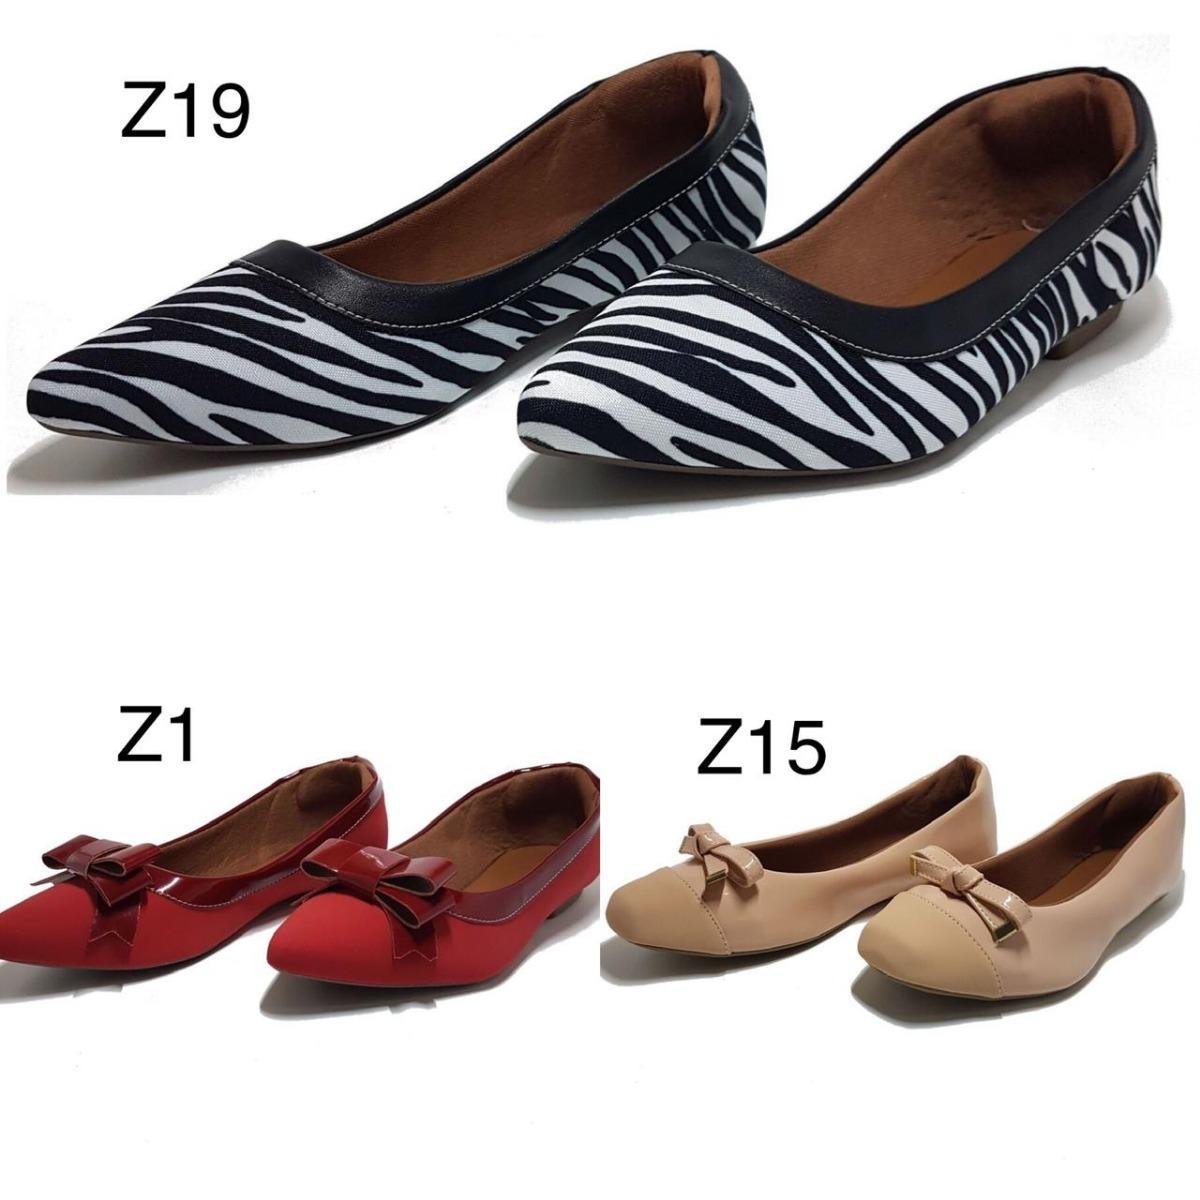 ab09532eca kit 3 sapatilhas feminina bem calçados atacado revenda 2019. Carregando zoom .